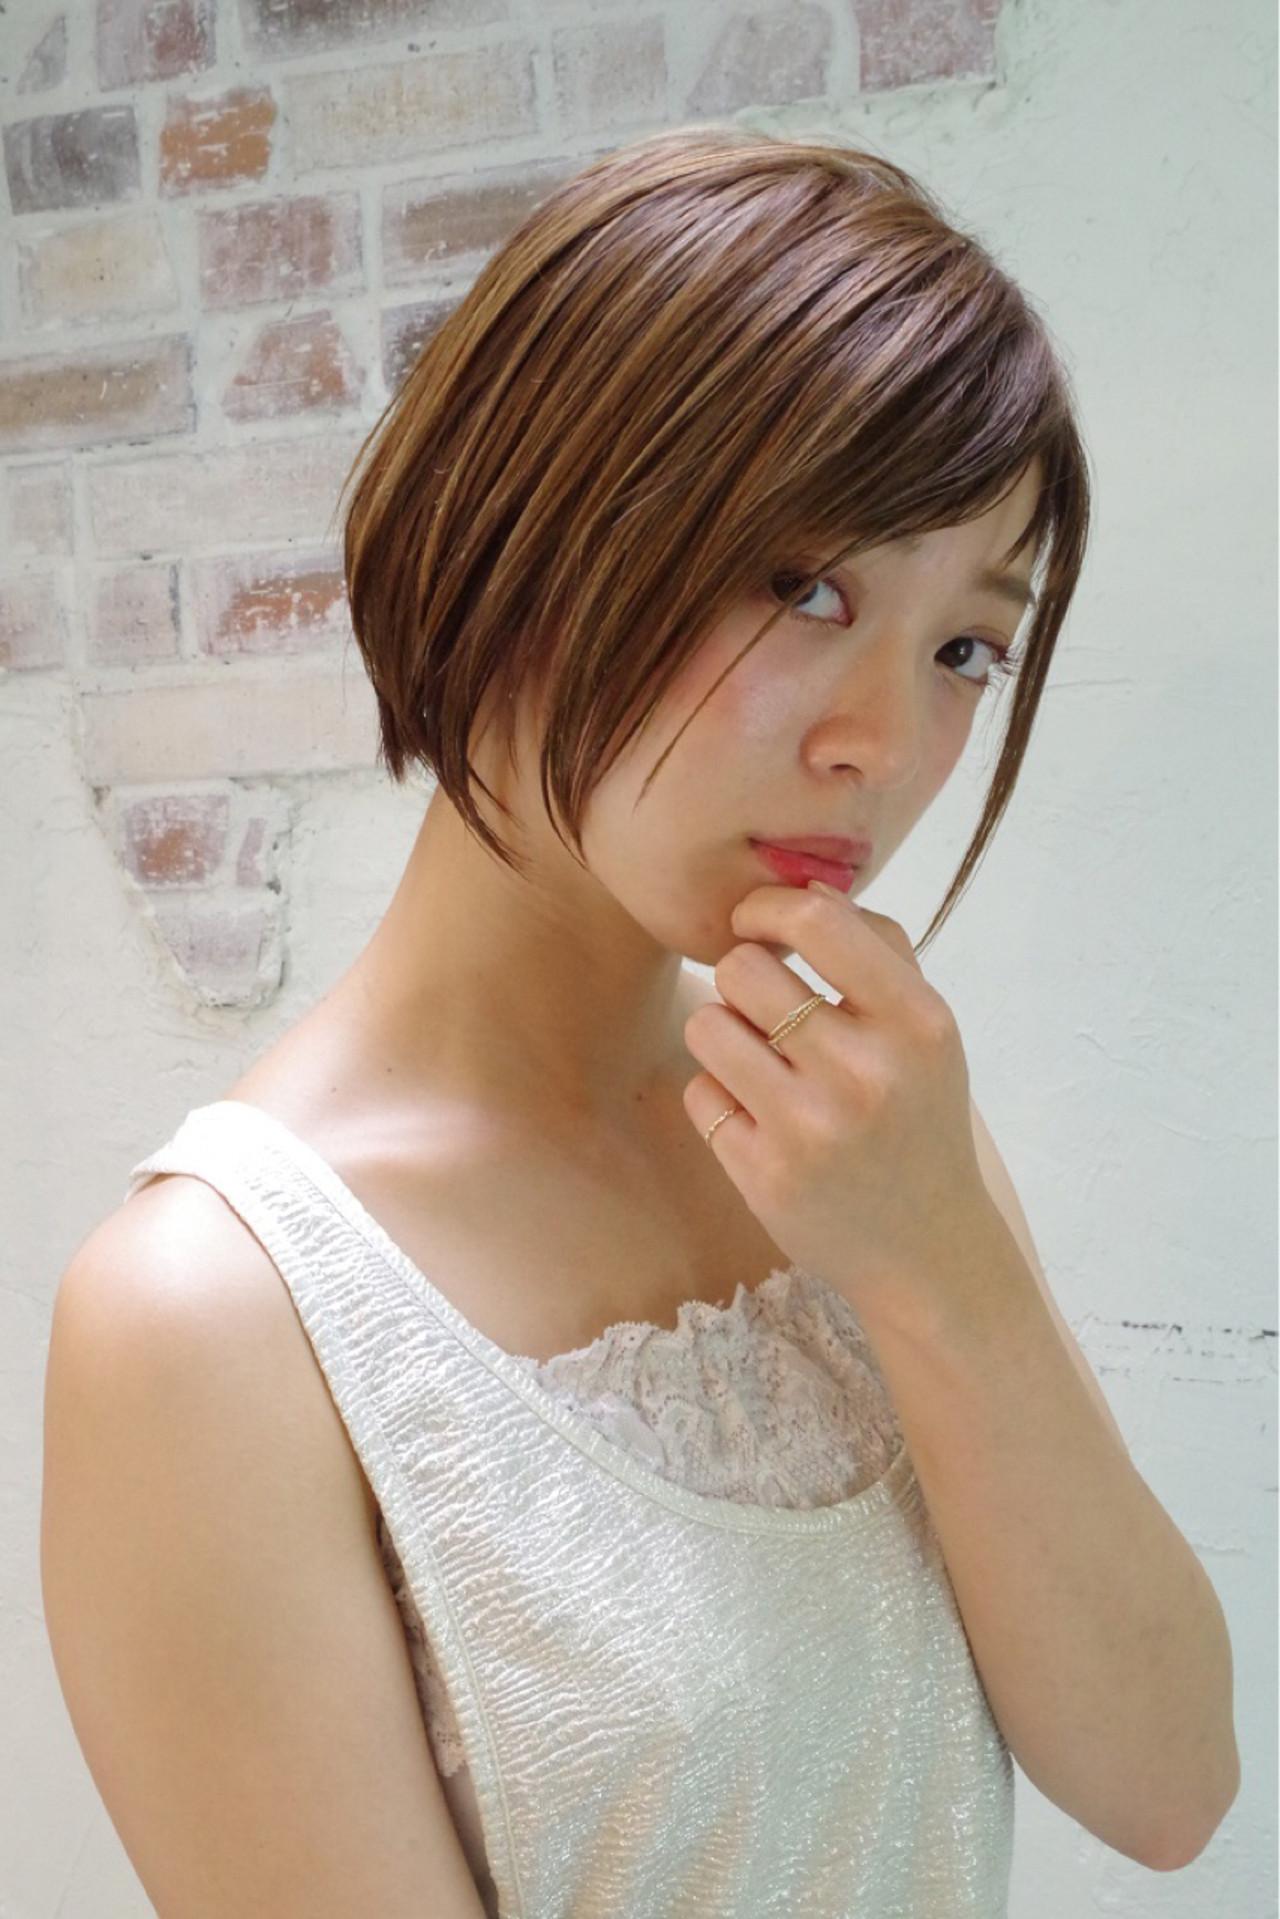 ワイドバング アッシュ ナチュラル ボブ ヘアスタイルや髪型の写真・画像 | Nao Kokubun blast / blast